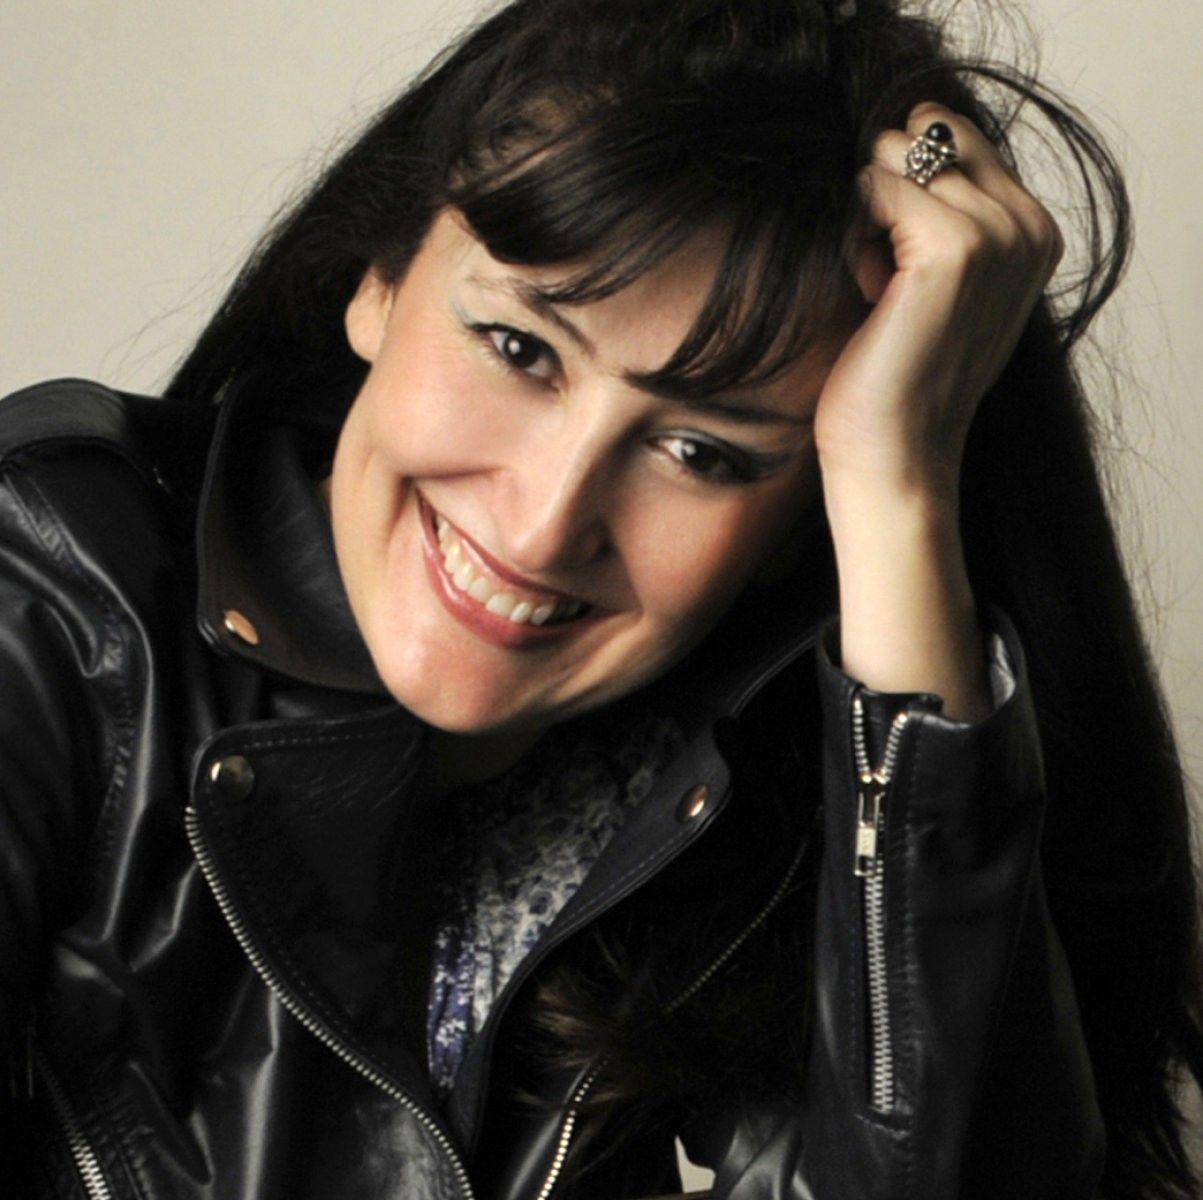 María José Montiel Mejor Cantante Femenina De ópera Cantantes Femeninas Cantantes Cantantes De Opera